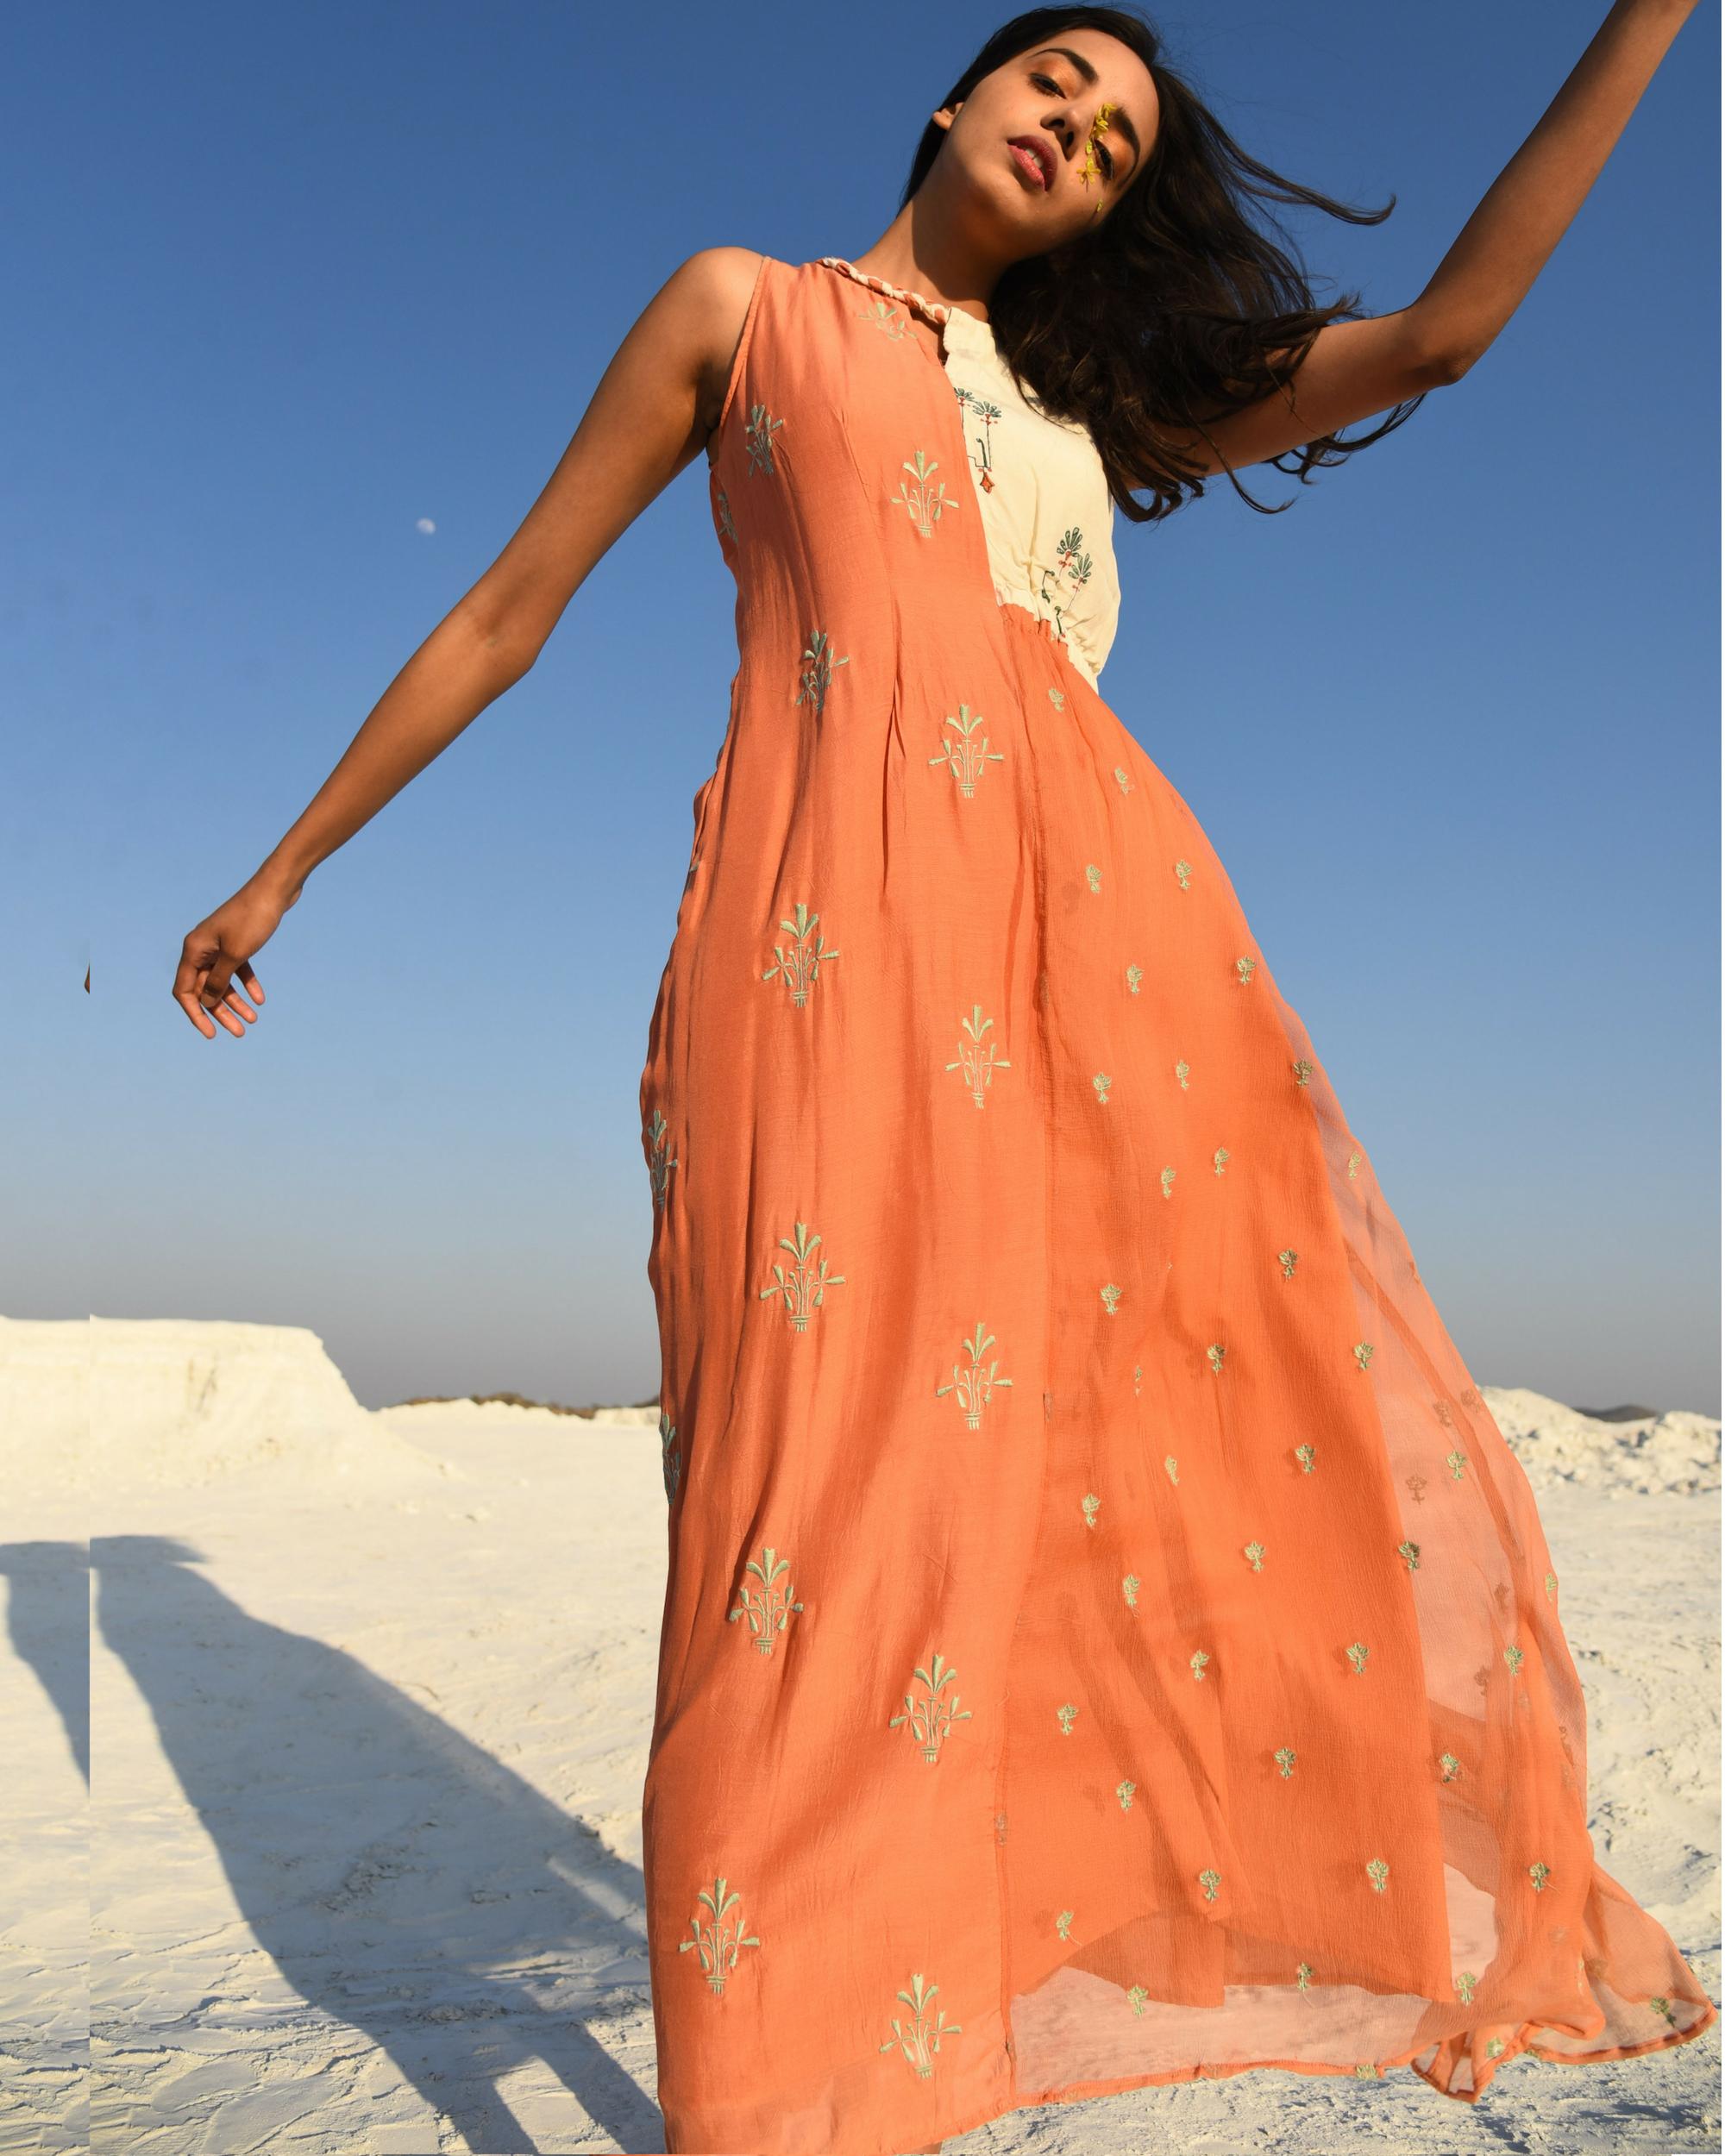 Braided traveller dress